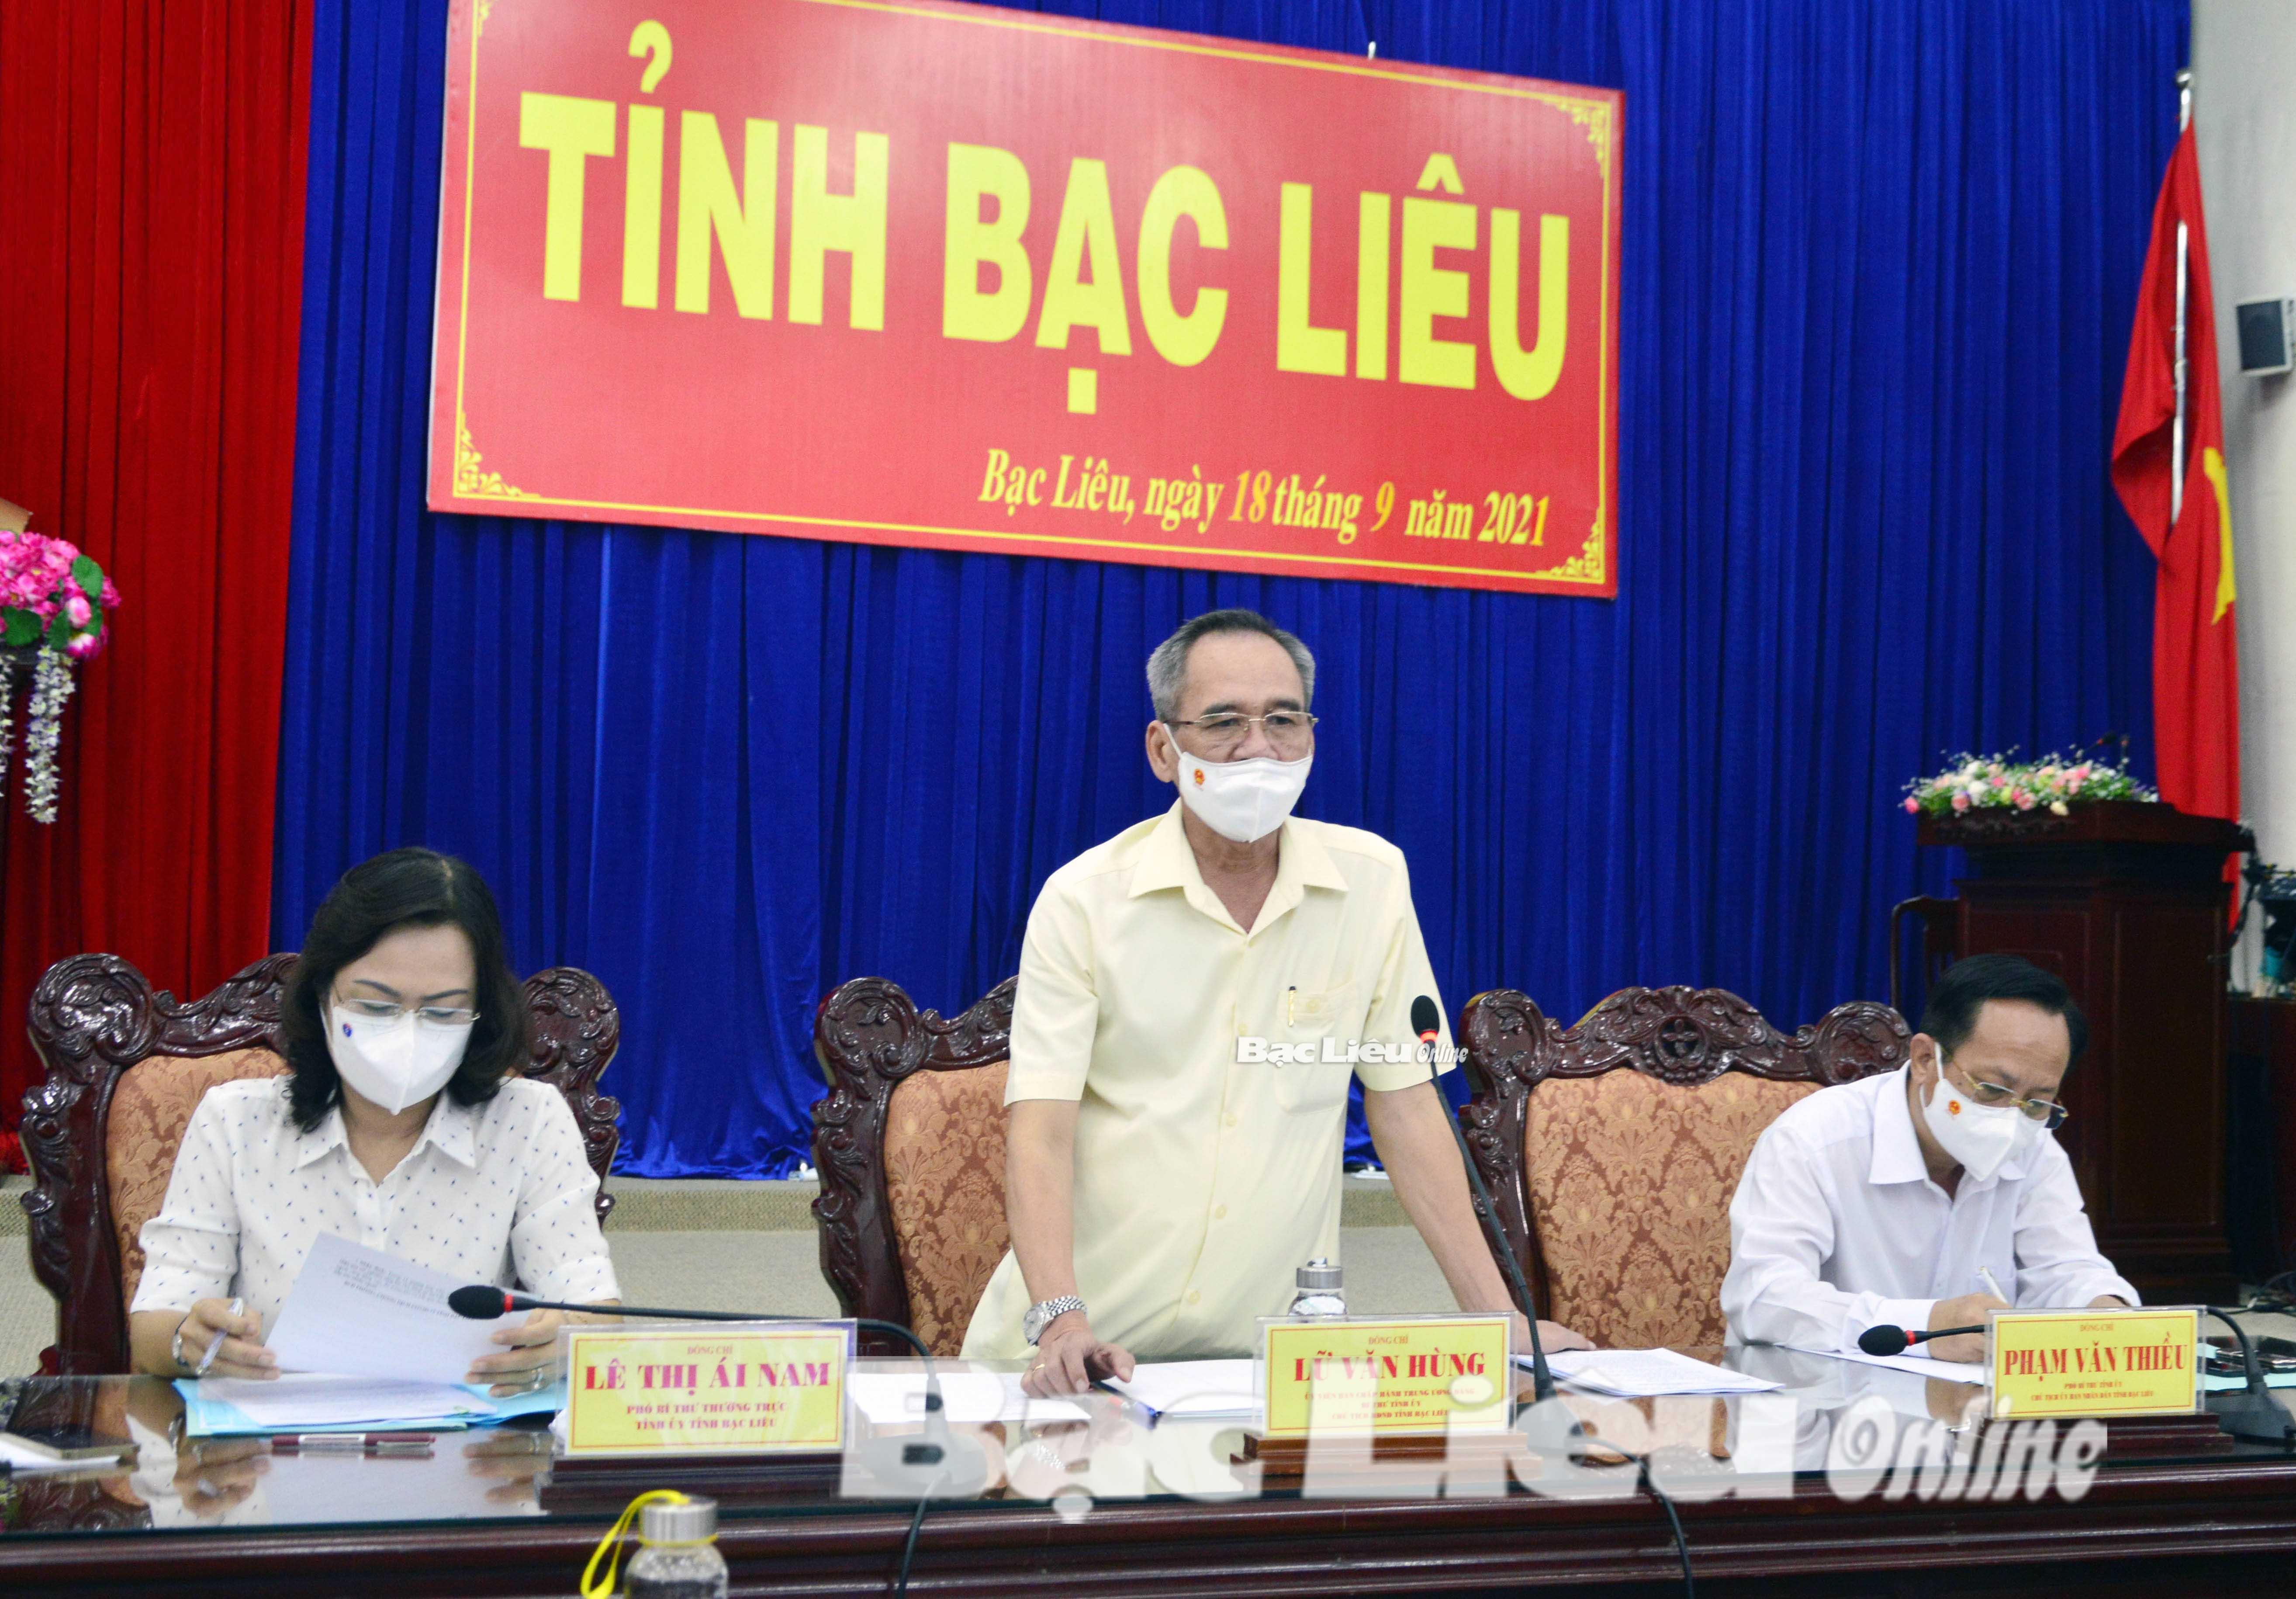 Bí thư Tỉnh ủy - Lữ Văn Hùng: Vẫn tập trung cao nhất cho công tác phòng, chống dịch bệnh